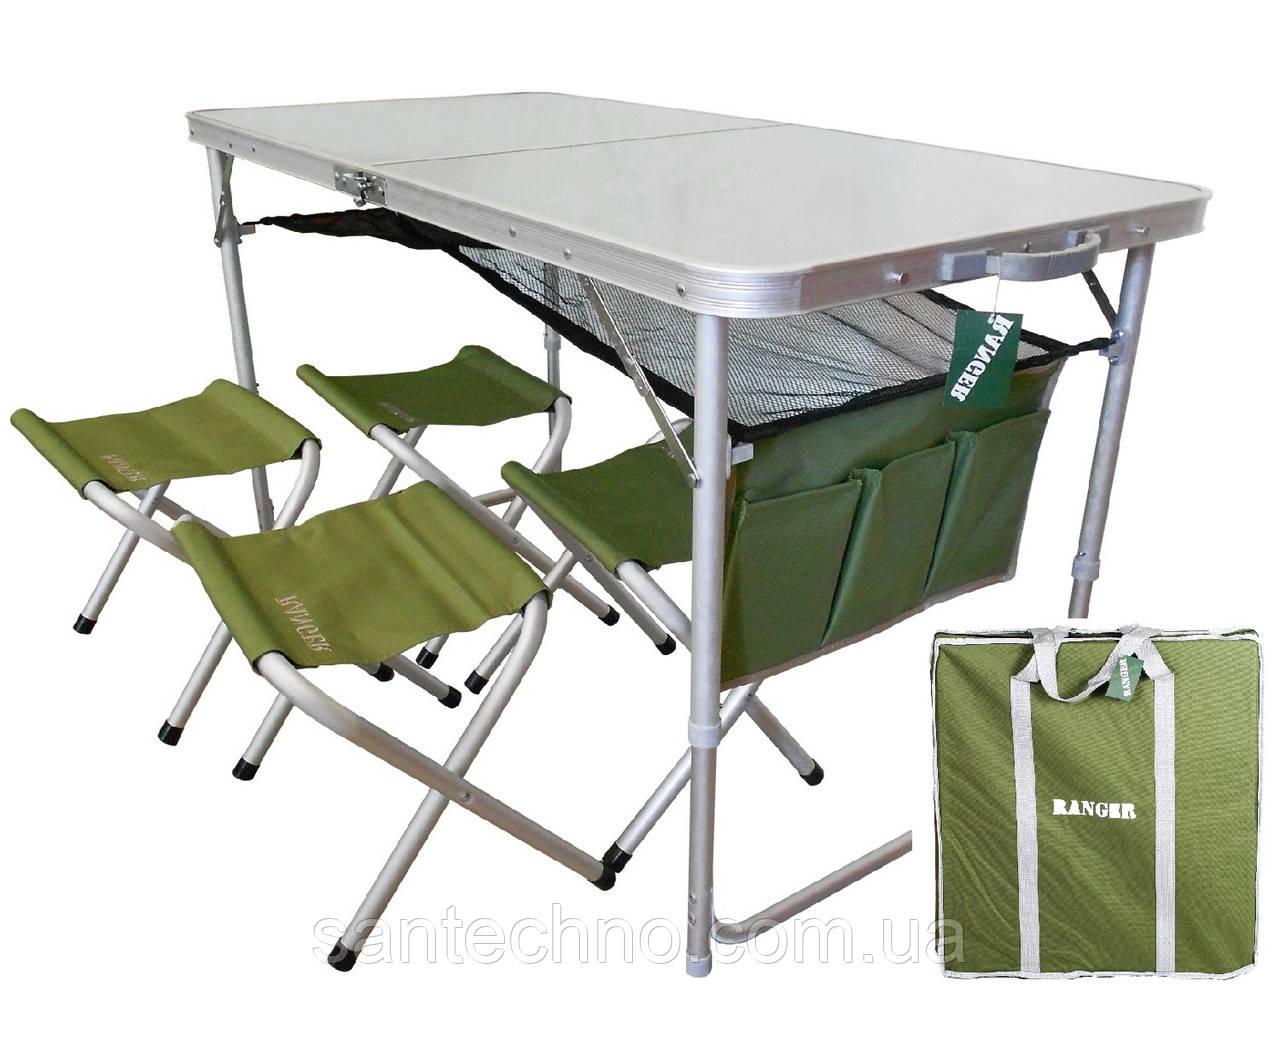 Комплект туристической мебели складной Ranger TA 21407+FS21124